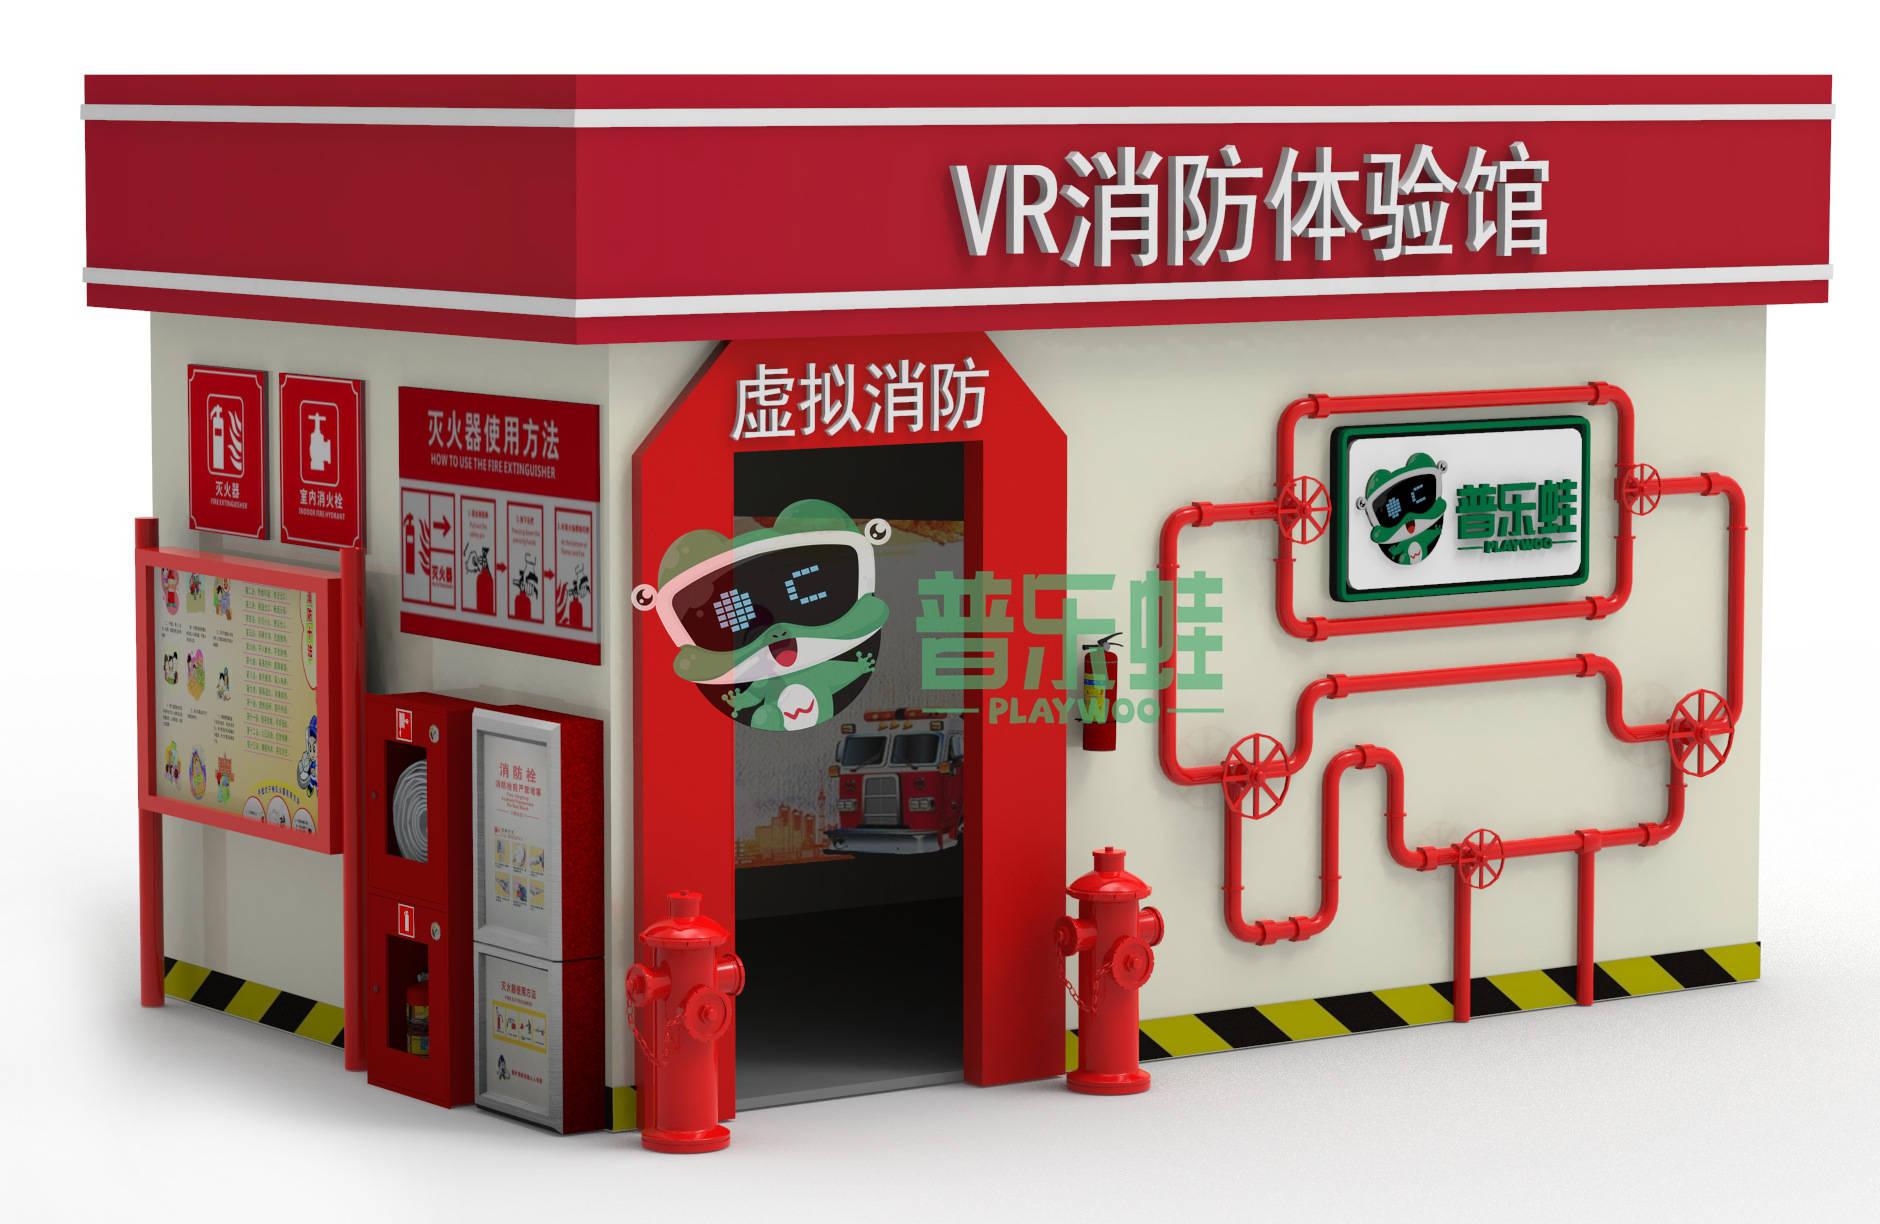 普勒青蛙虚拟现实消防安静设备消防体验馆虚拟现实在消防中的应用